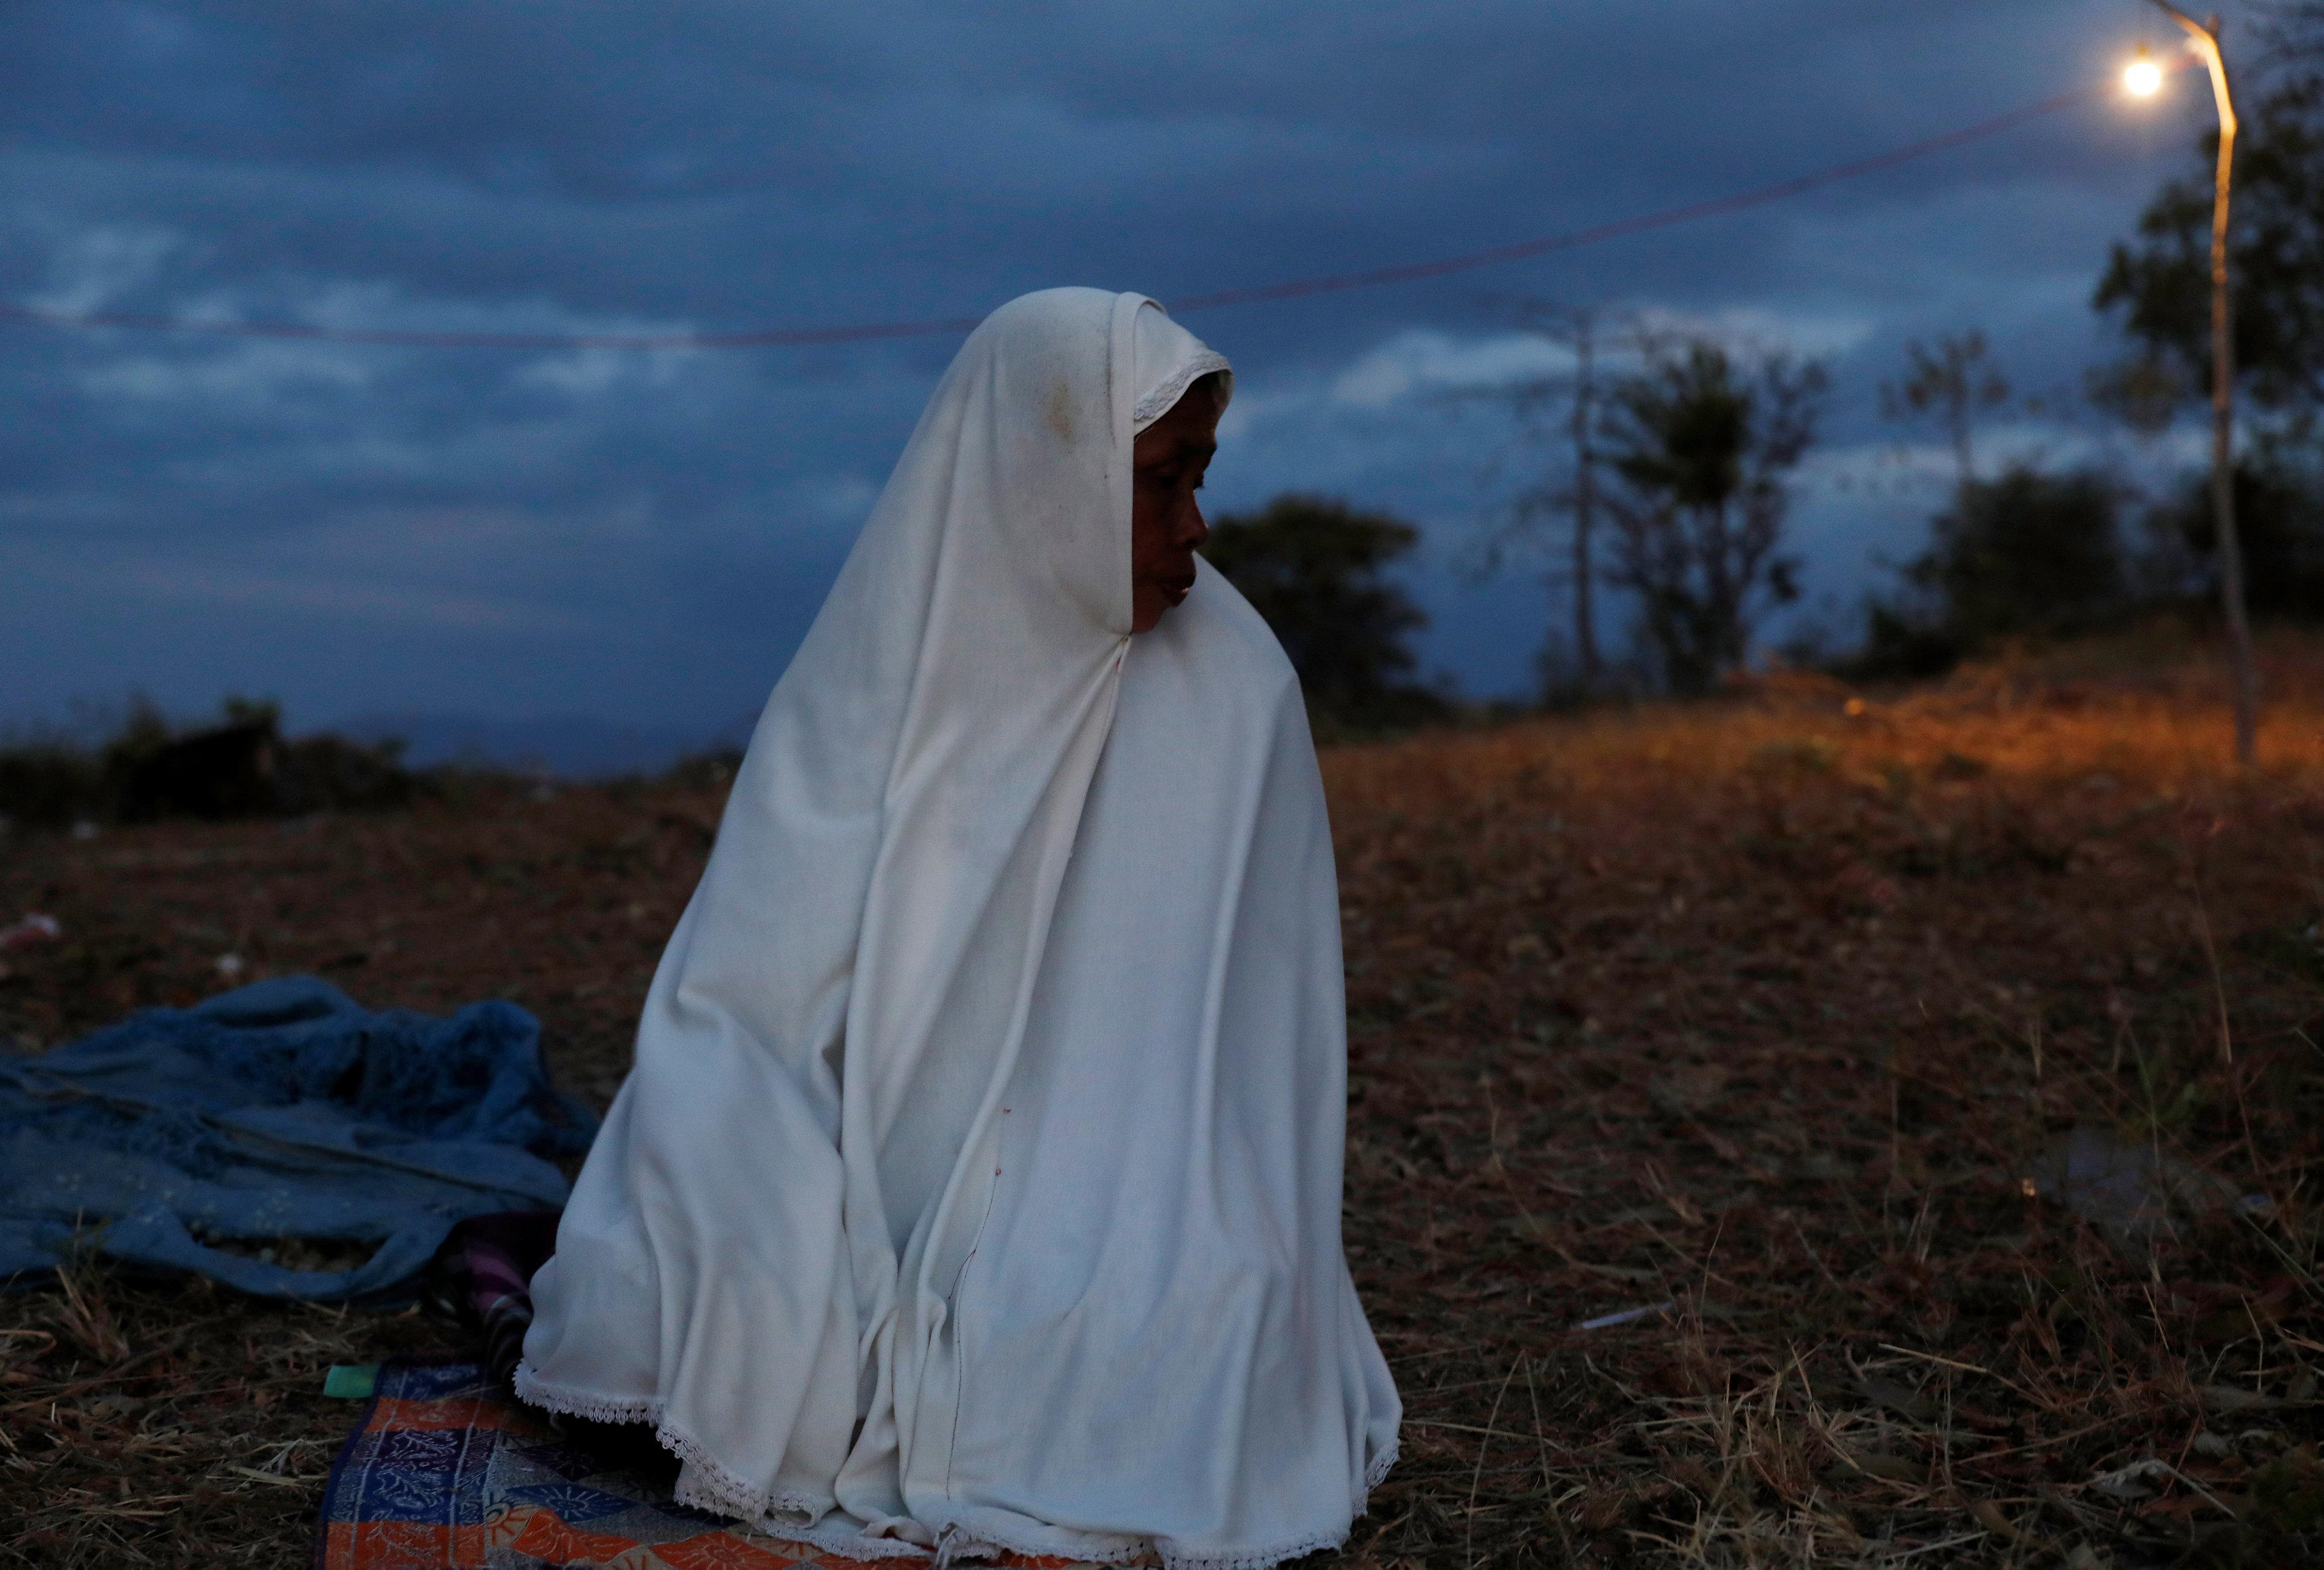 امرأة تصلى في مأوى مؤقت فوق أحد التلال فى شاطئ سينجيجى خوفا من تسونامى